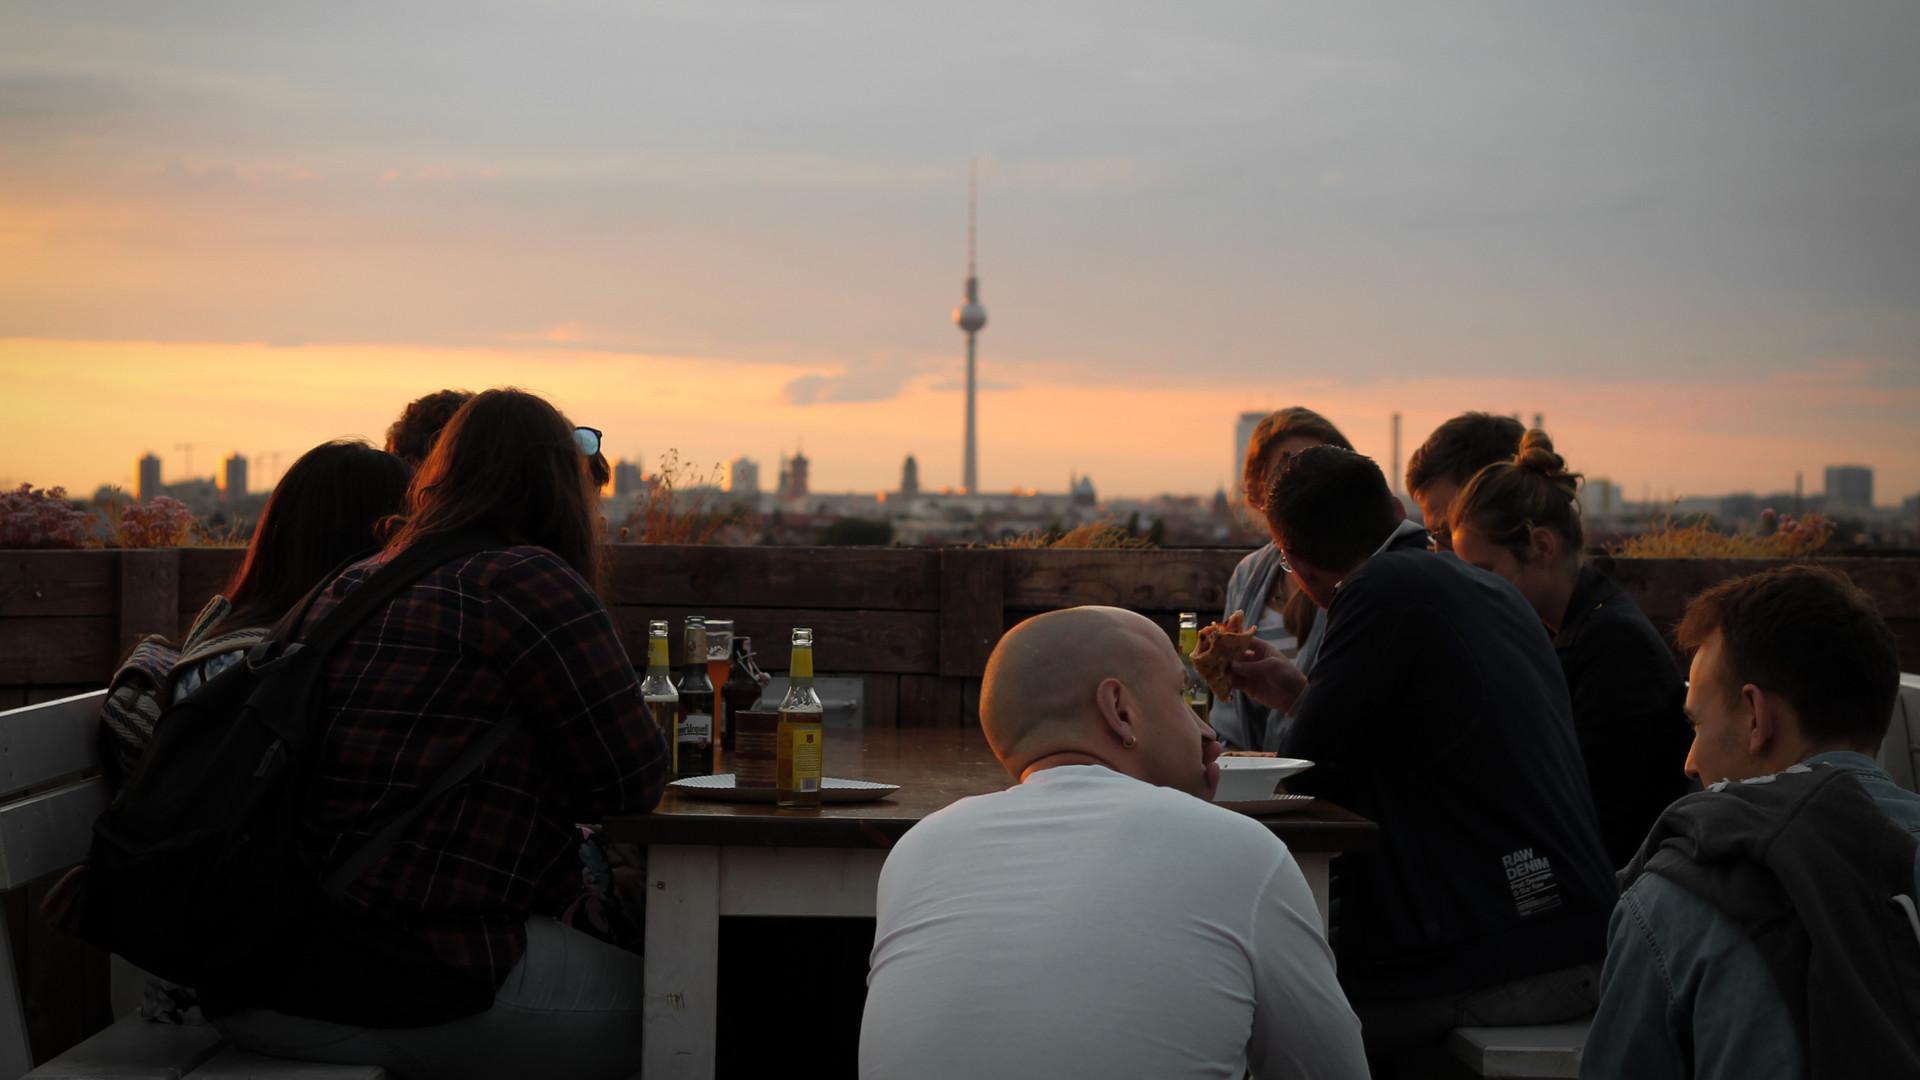 Borkeberlin, Berlin Sundown